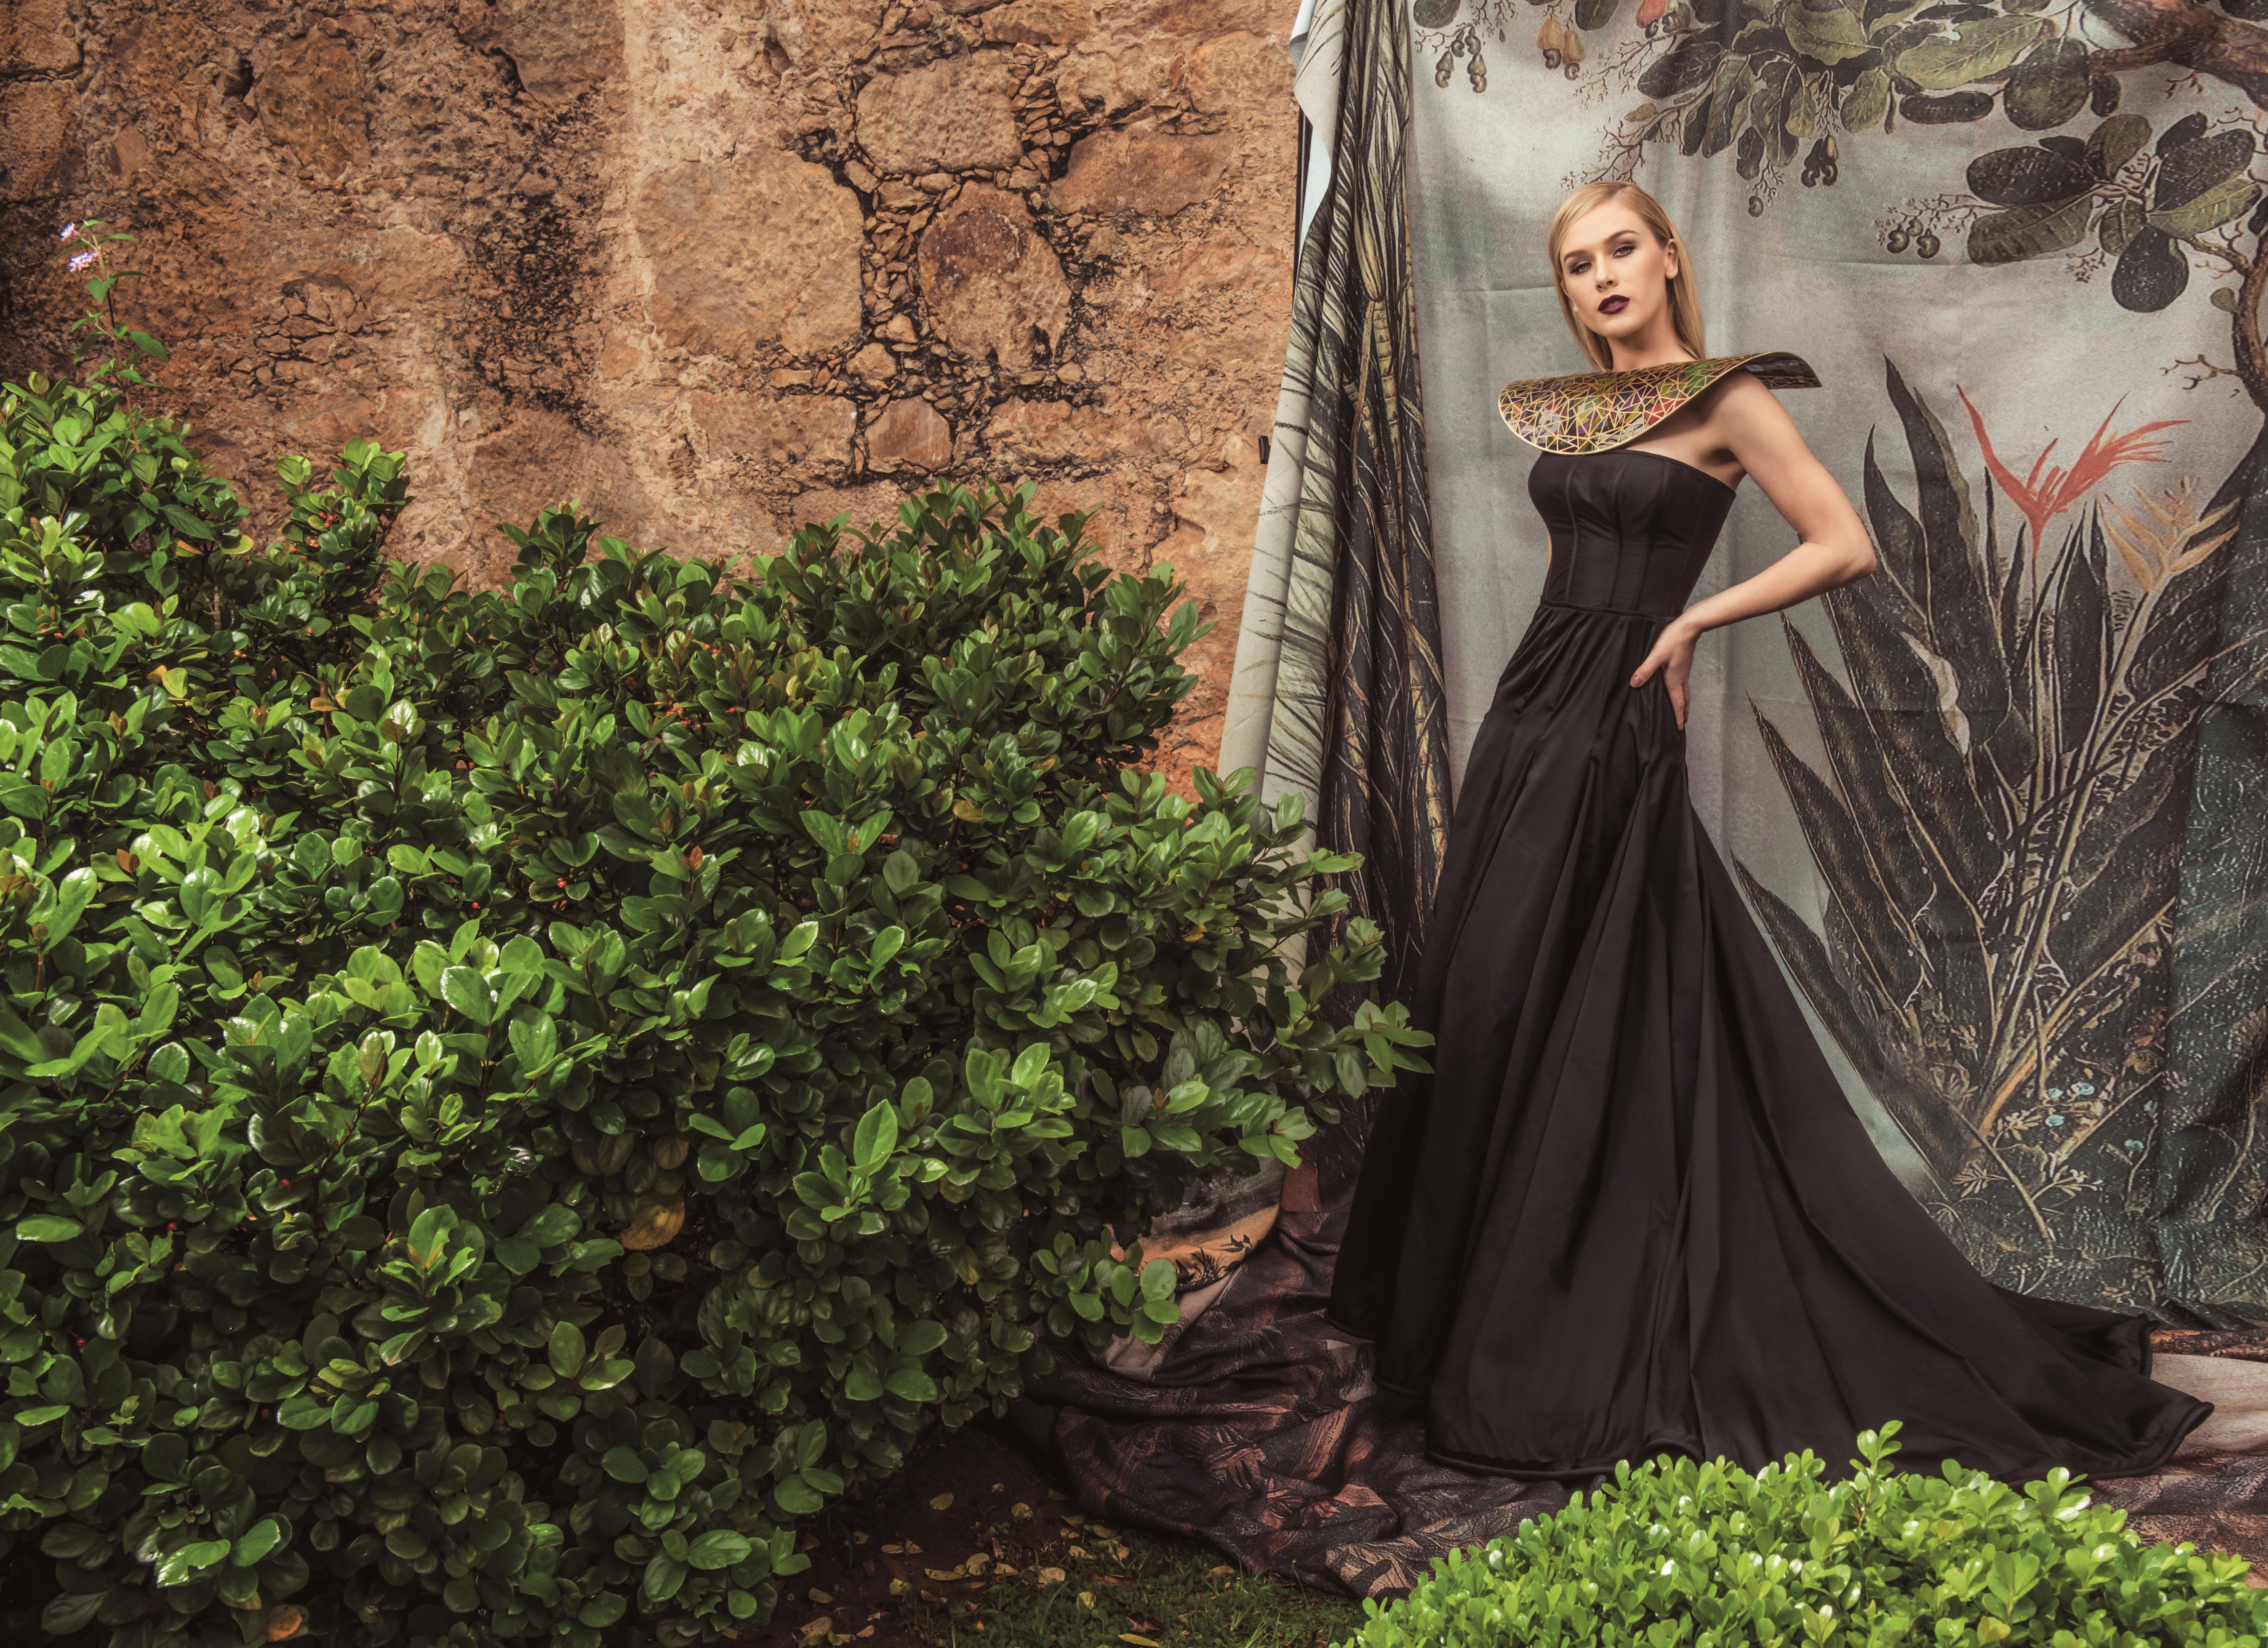 a09012a1c15 São Paulo Fashion Week recebe nova coleção do concurso AuDITIONS ...